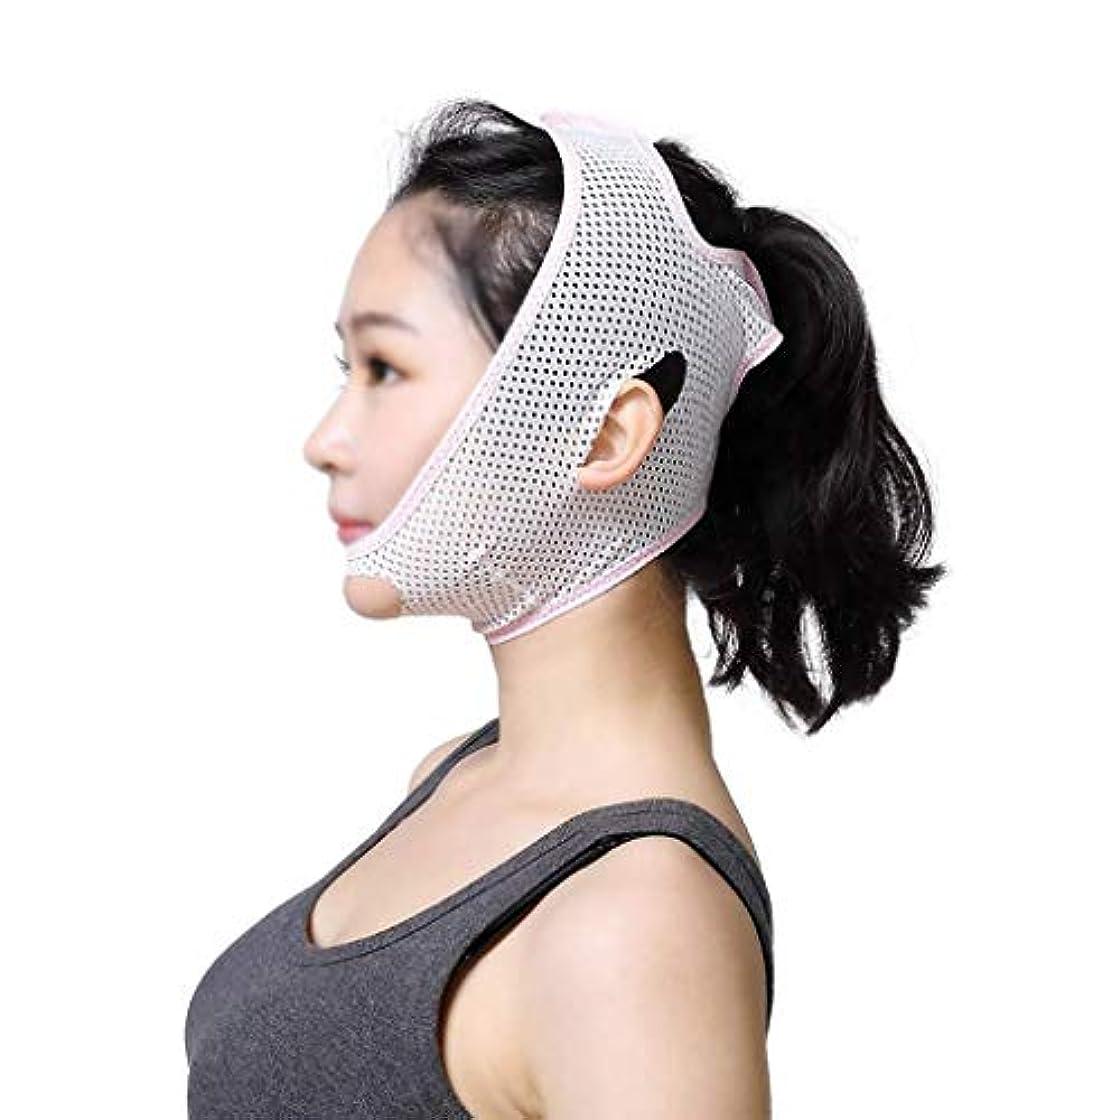 ロールボア常習的あごのストラップ、二重あごの男性と女性のフェイスリフトフェイシャルへの美しさのマスクでポストフェイス補正を彫る通気性フェイスリフトアーティファクト睡眠包帯ライン(サイズ:M)